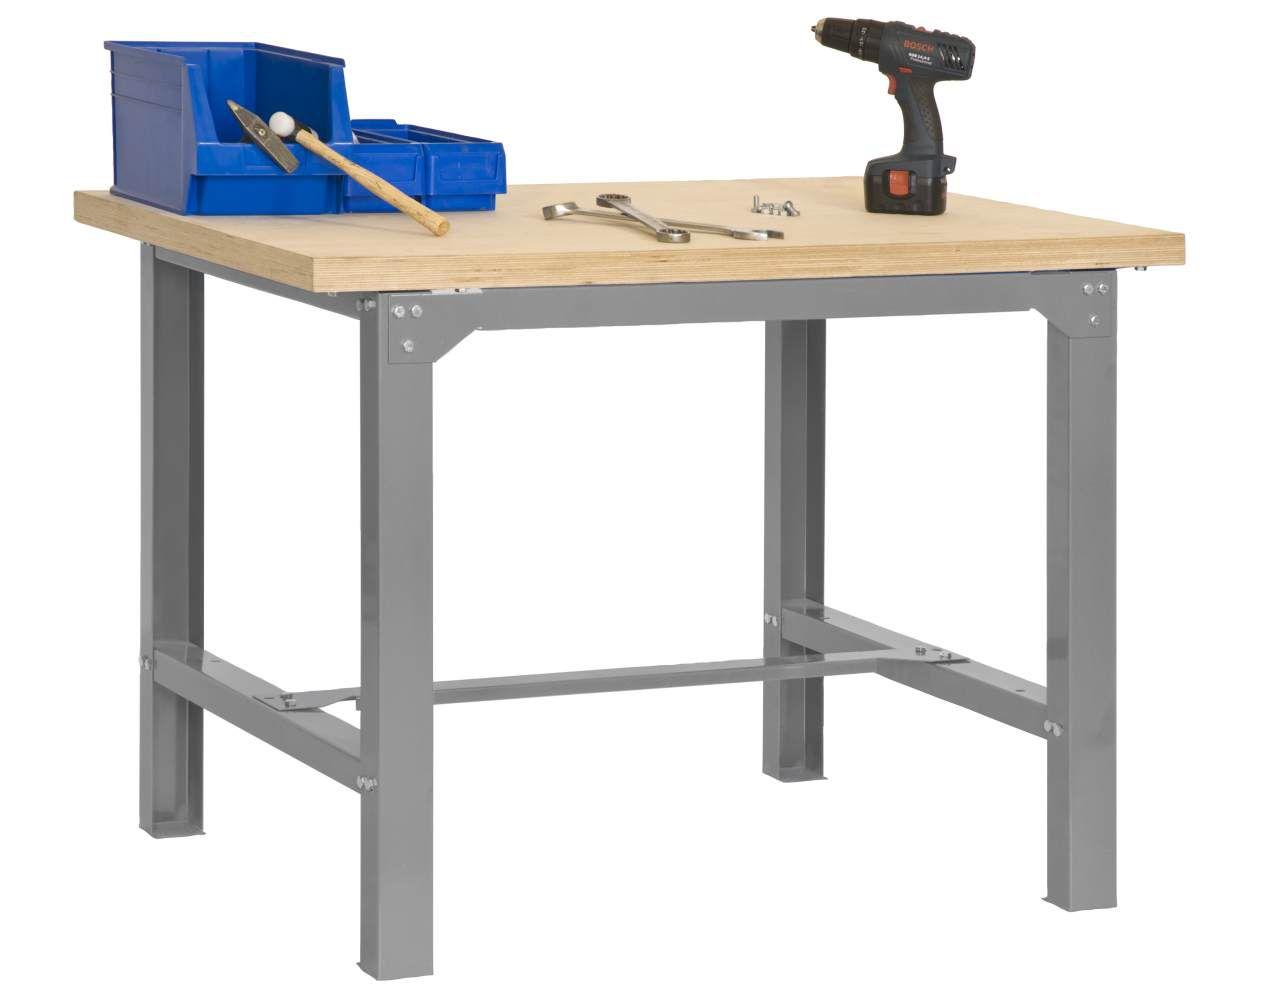 Werkbank BT-6 Plywood, Farbe: Grau / Holz, Maße: 86,50 x 180 x 75 cm (H x B x T), Traglast: 800 kg